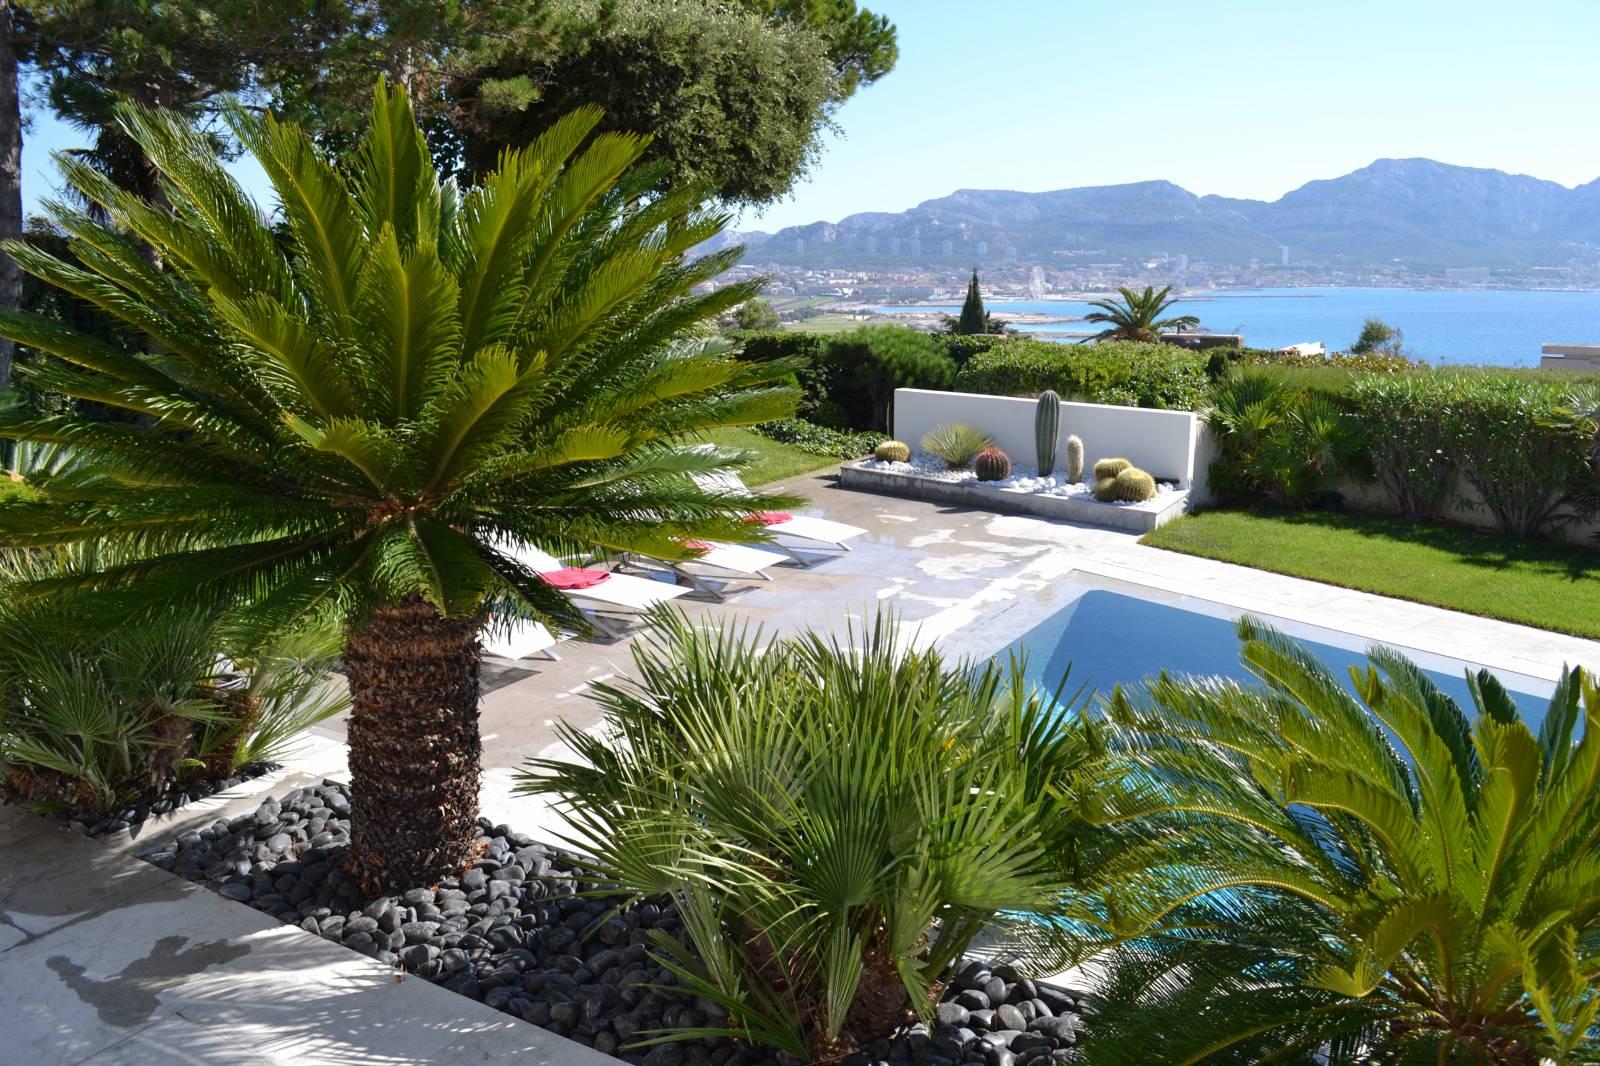 am nagement jardins entretien espaces verts marseille vert tige. Black Bedroom Furniture Sets. Home Design Ideas